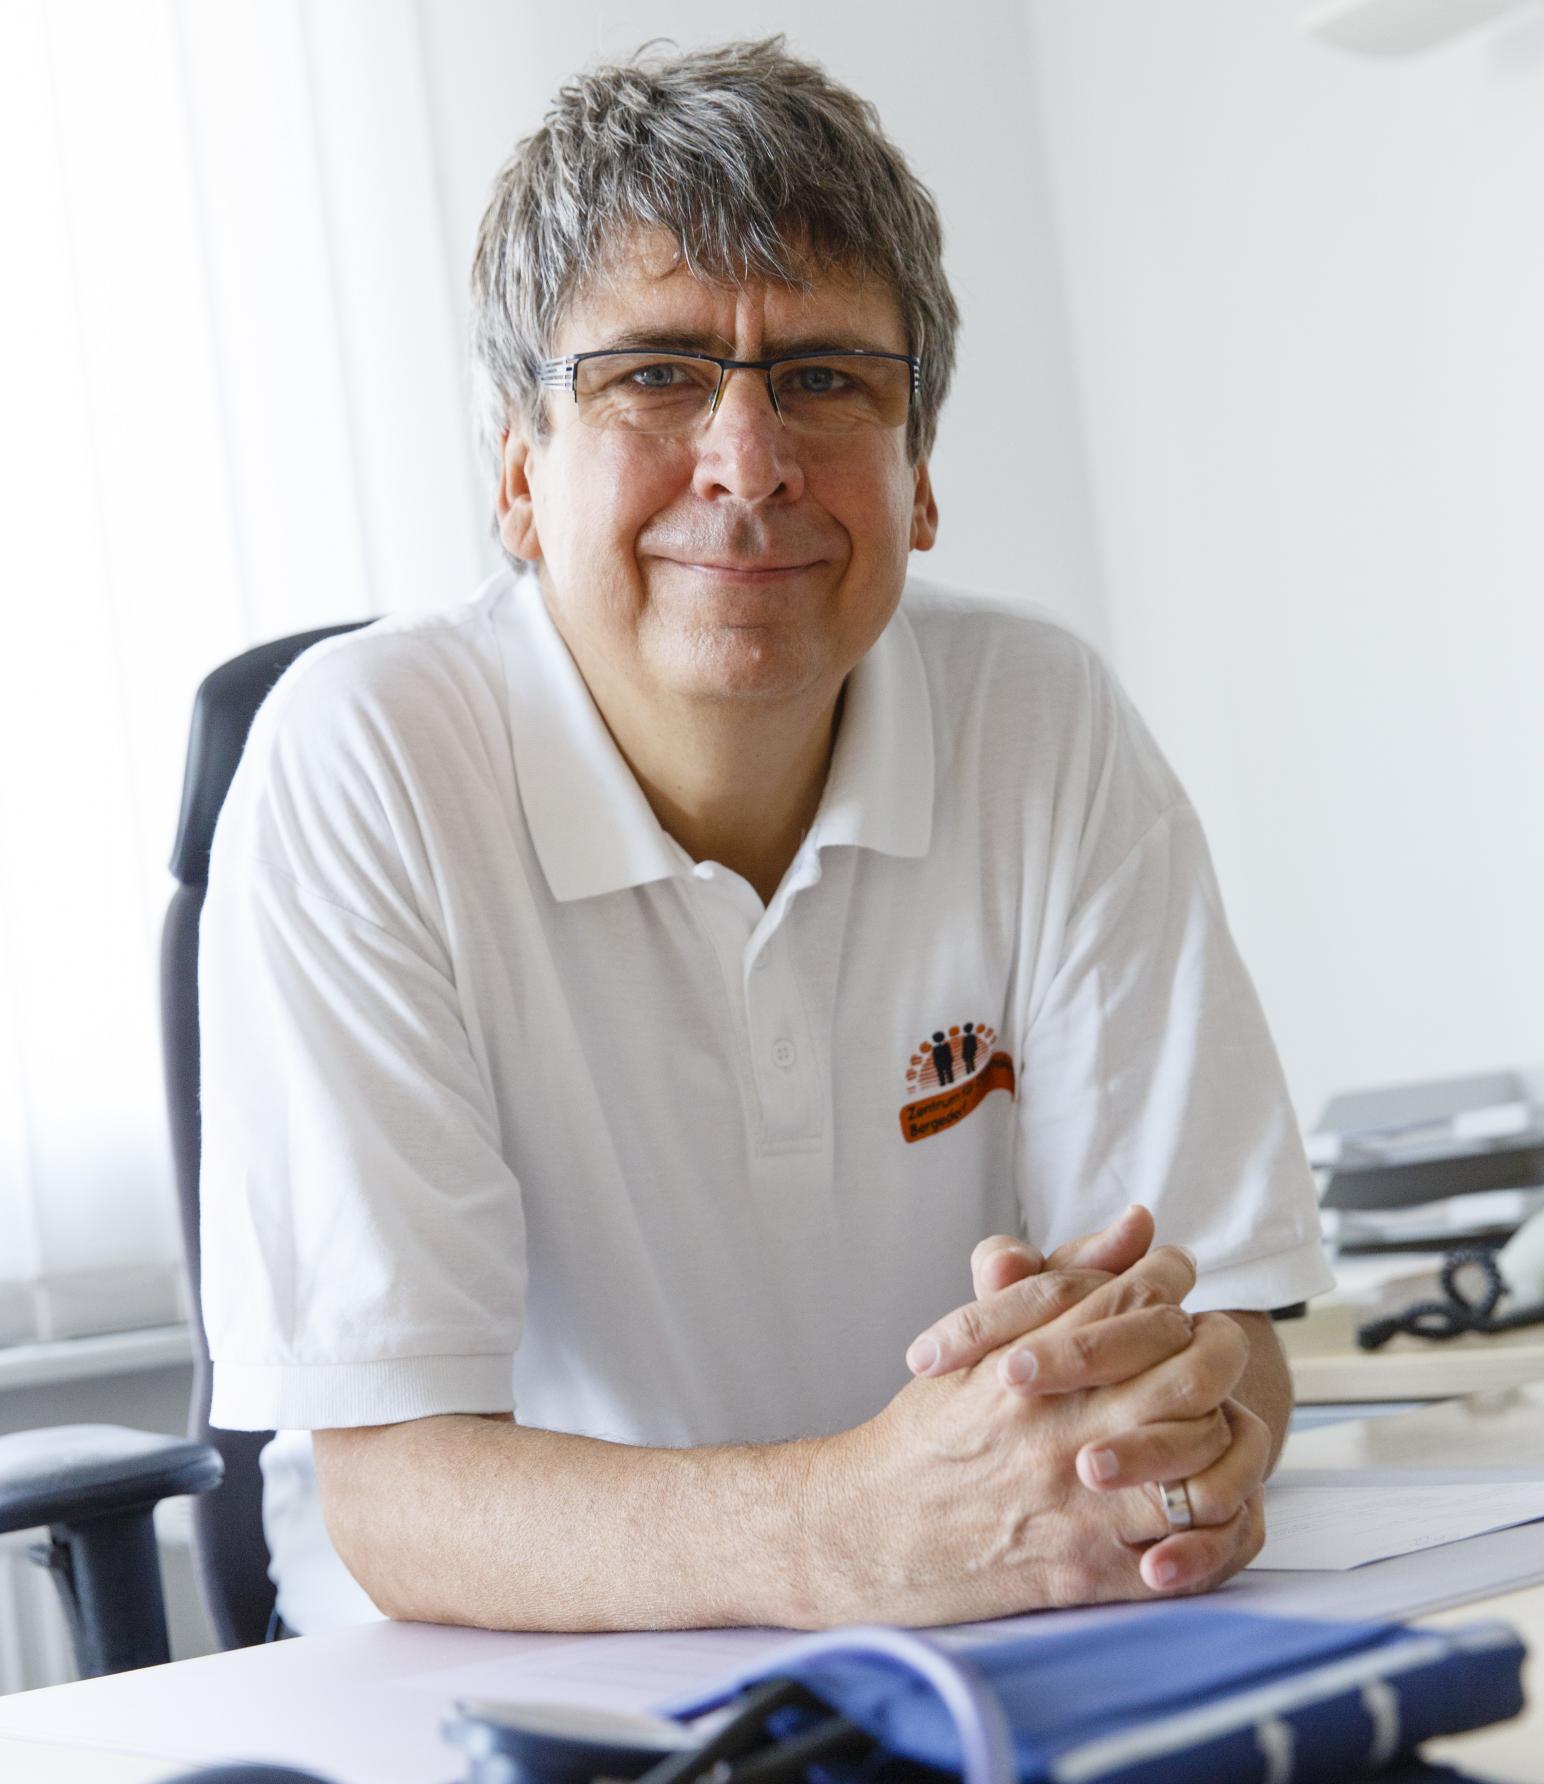 Dr kroeger